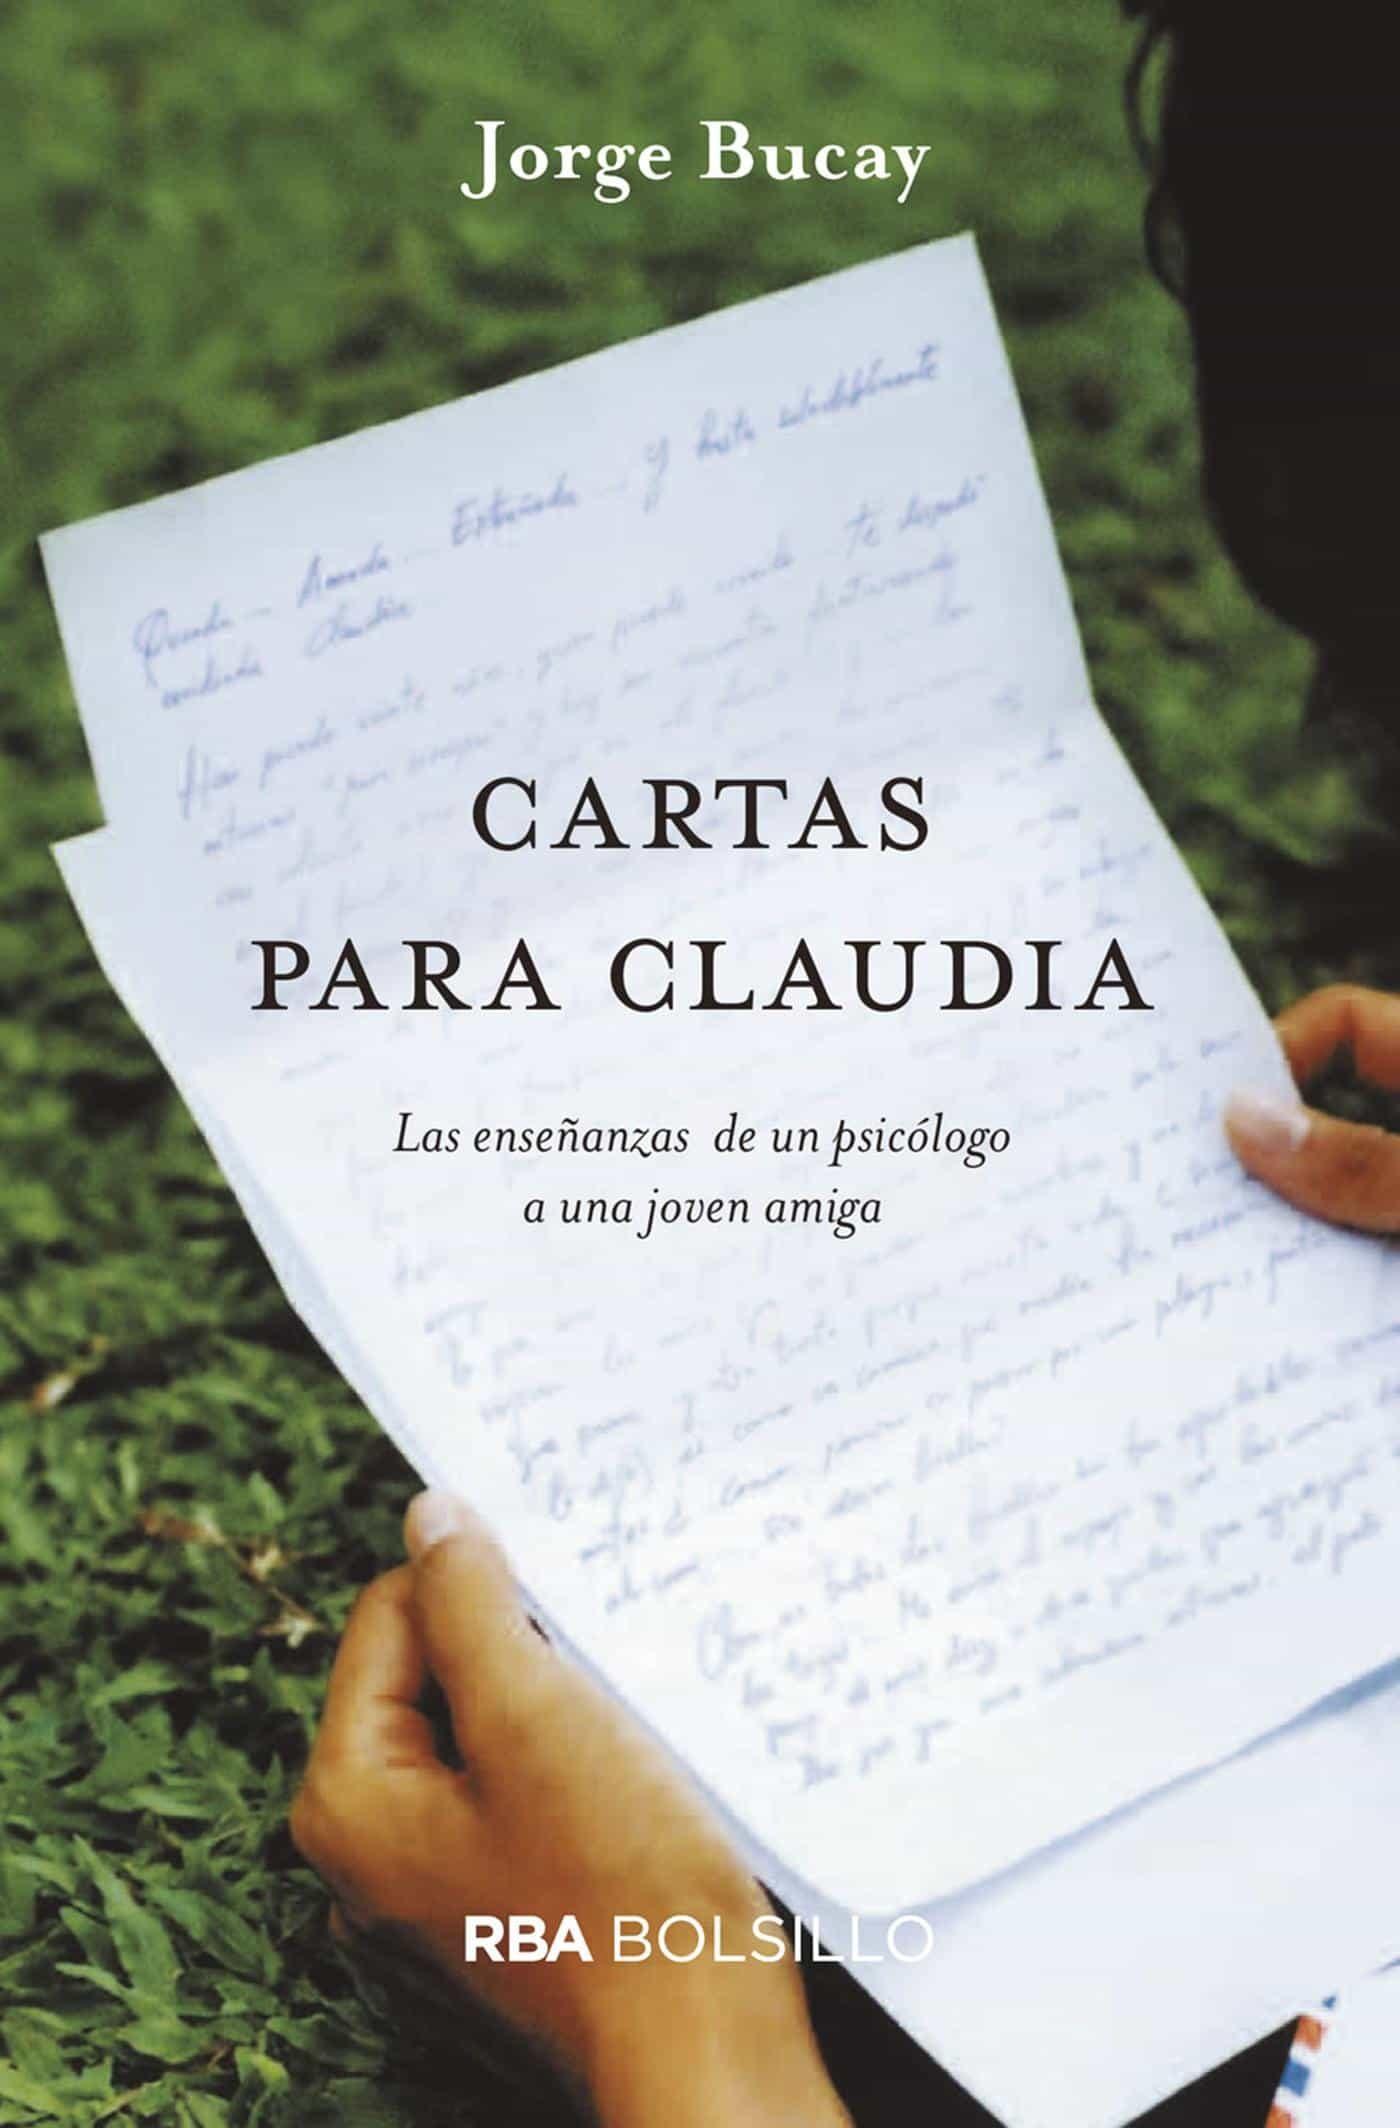 Cartas Para Claudia Ebook Jorge Bucay Descargar Libro Pdf O Epub